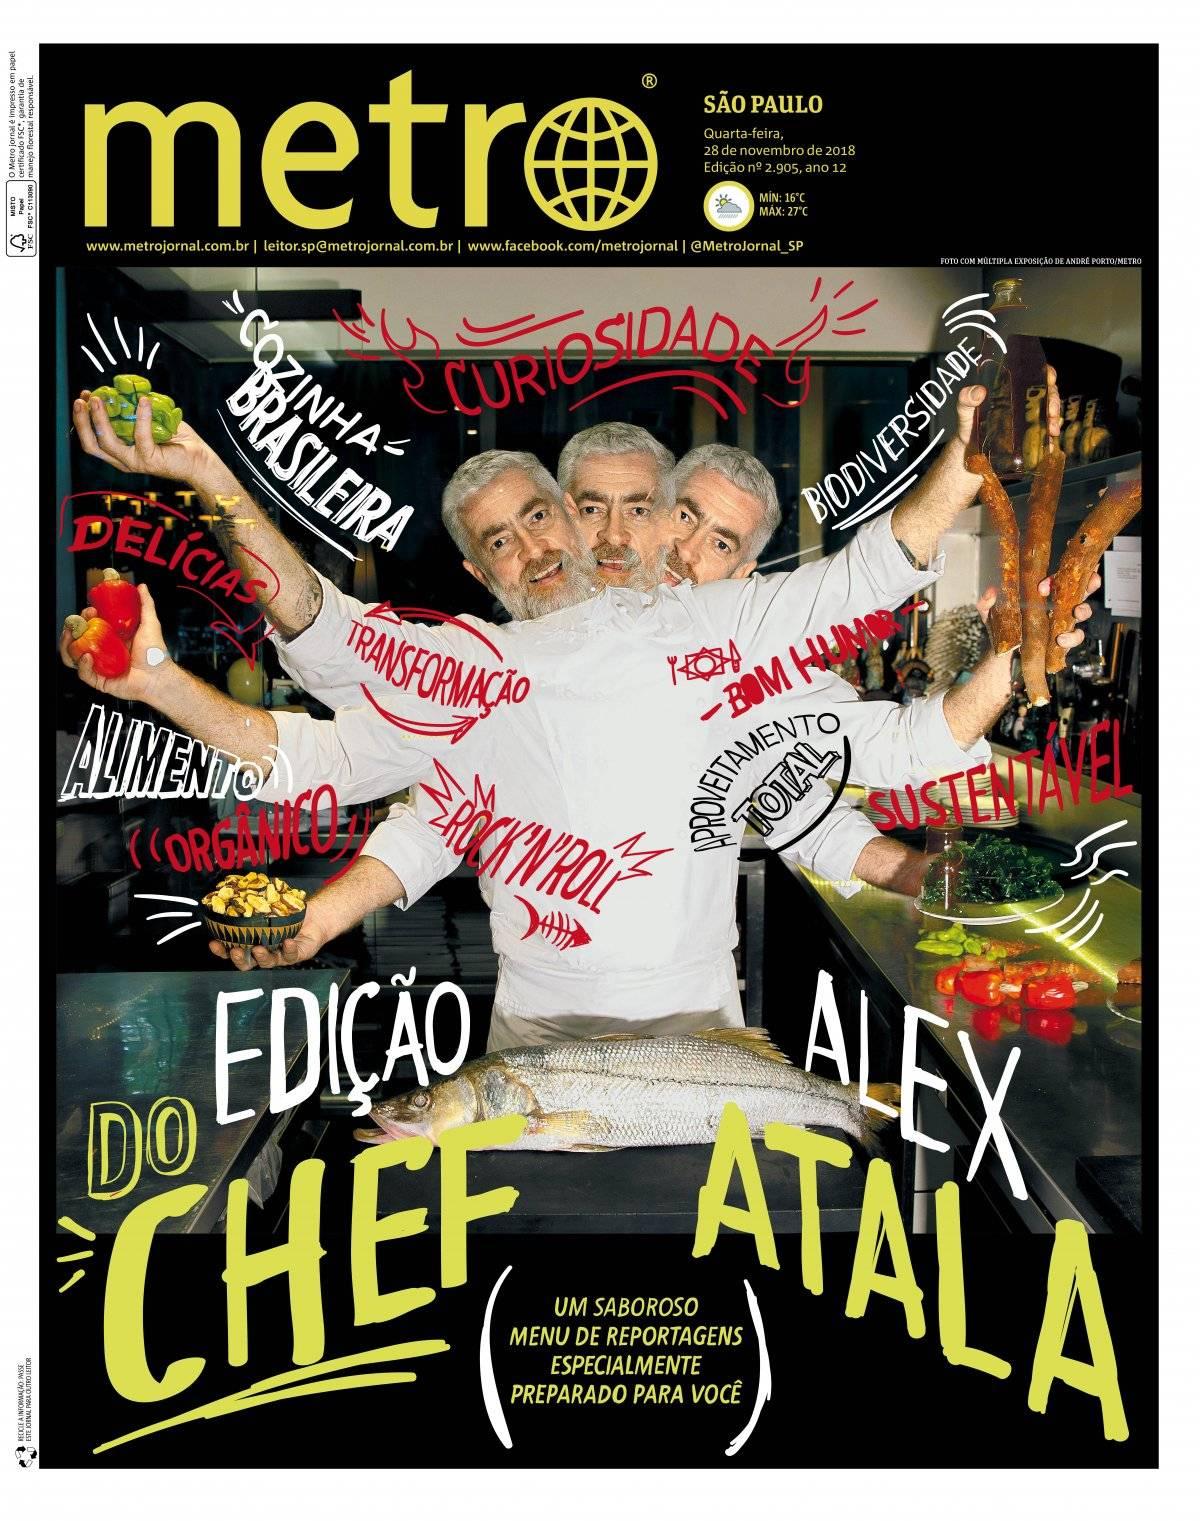 28 de novembro. O estrelado chef Alex Atala foi nosso editor convidado este ano em uma edição que discutiu o papel social dos alimentos